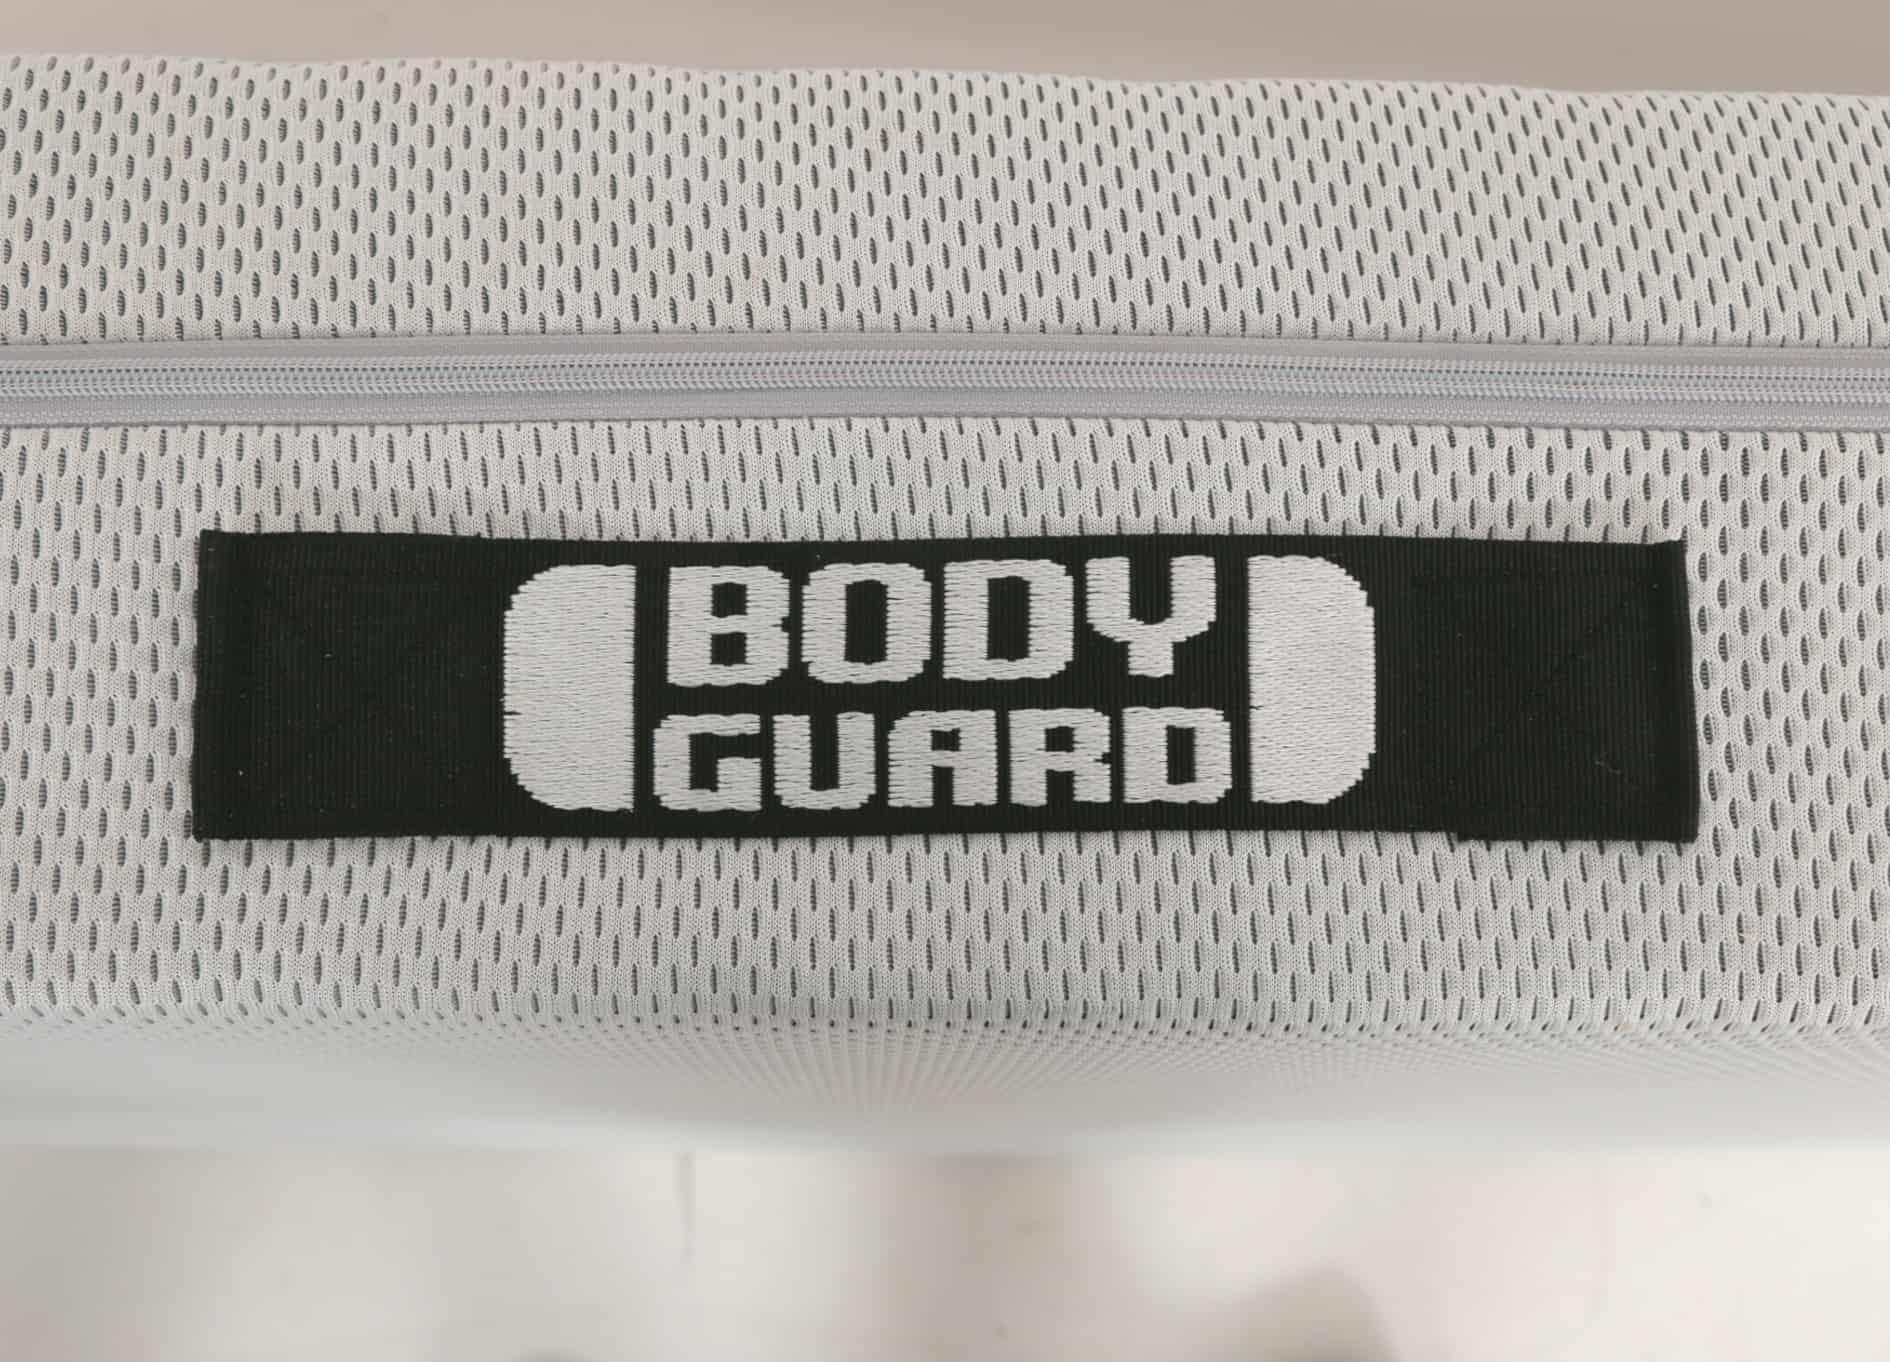 Bodyguard Matratze im Detail